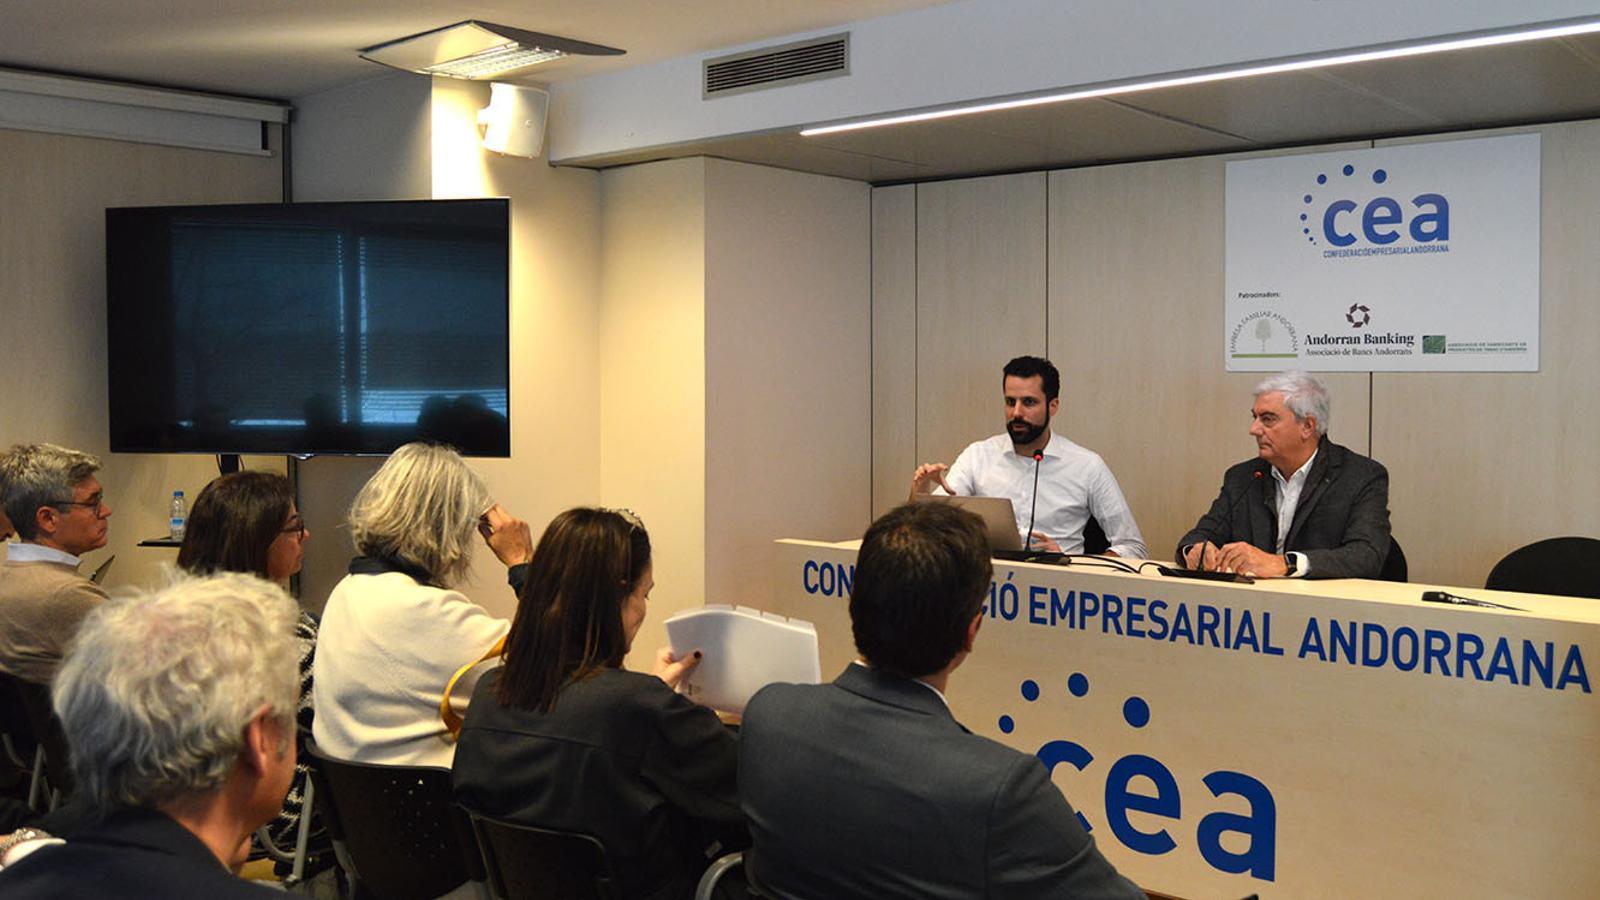 El gerent i el president de la CEA, Iago Andreu i Gerard Cadena, durant la trobada amb els empresaris. / M. F.